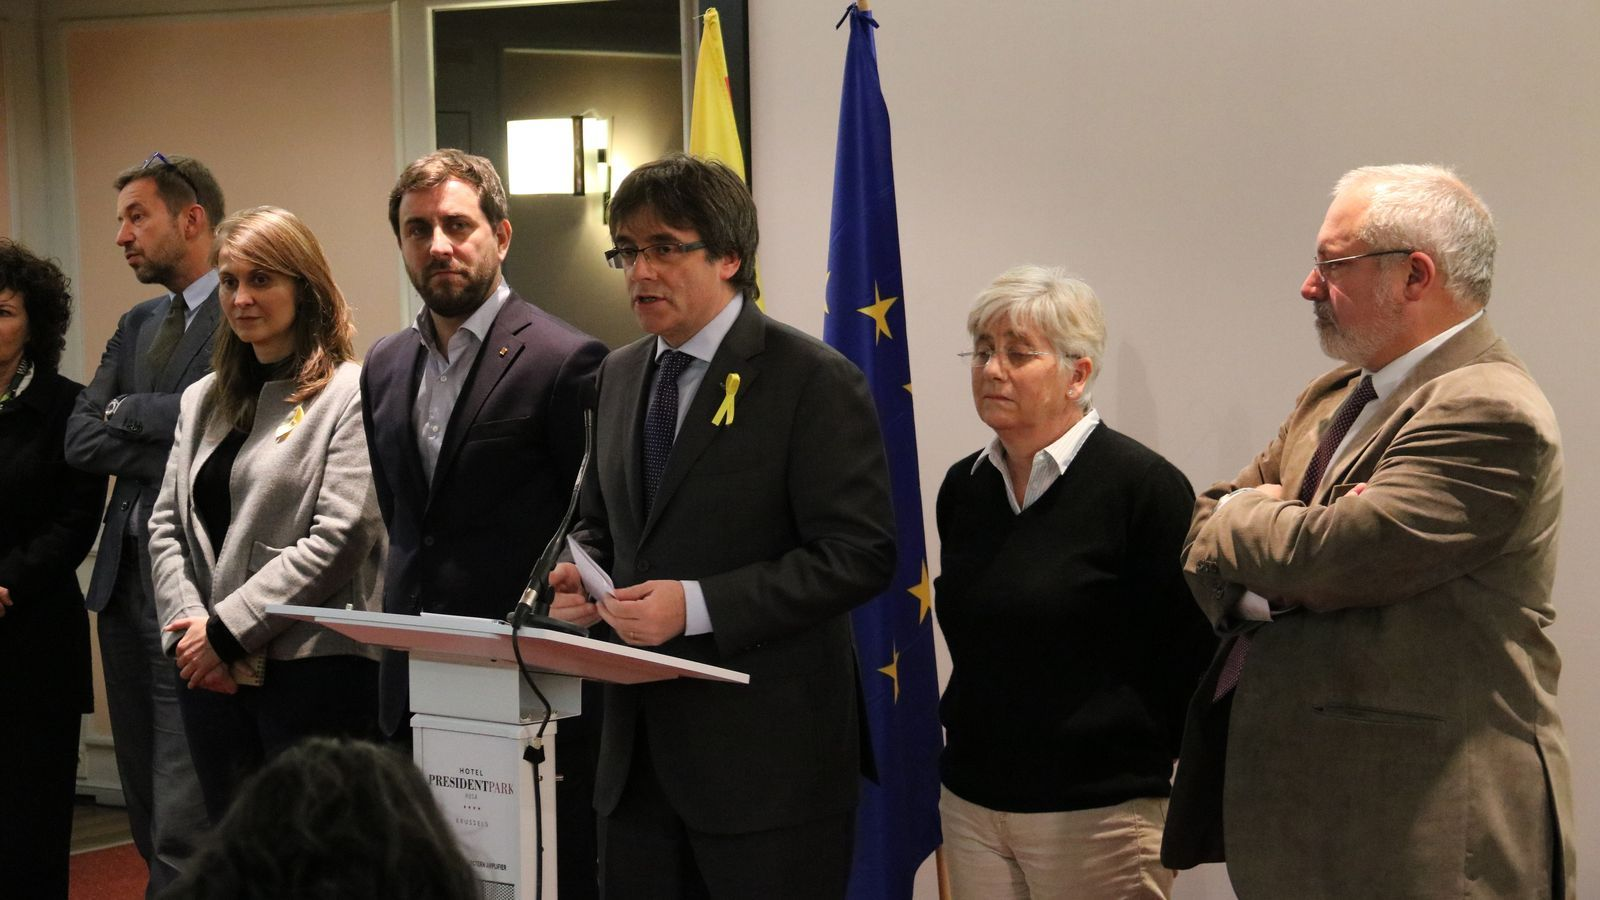 La justícia belga tanca formalment el cas de l'euroordre contra Puigdemont i els consellers